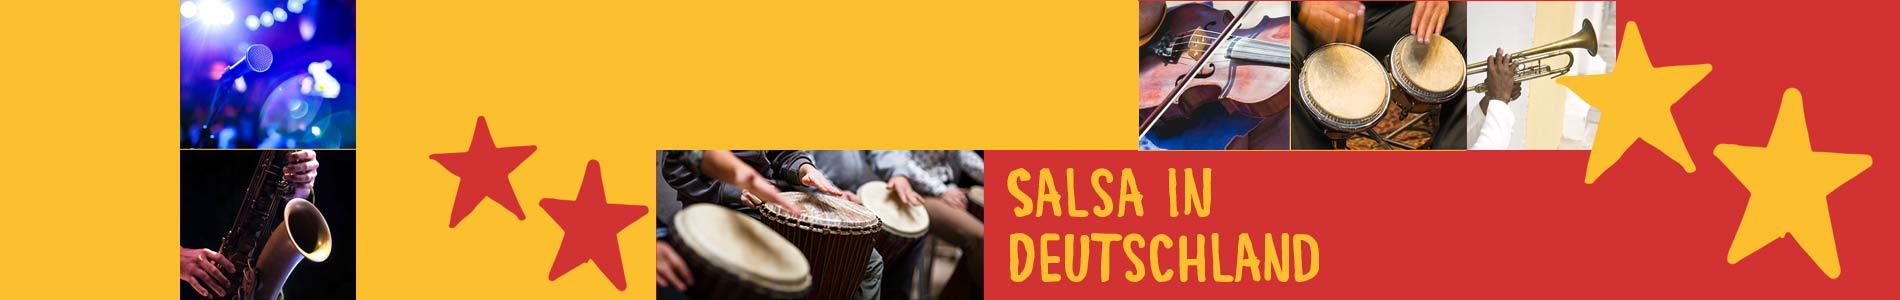 Salsa in Cornberg – Salsa lernen und tanzen, Tanzkurse, Partys, Veranstaltungen